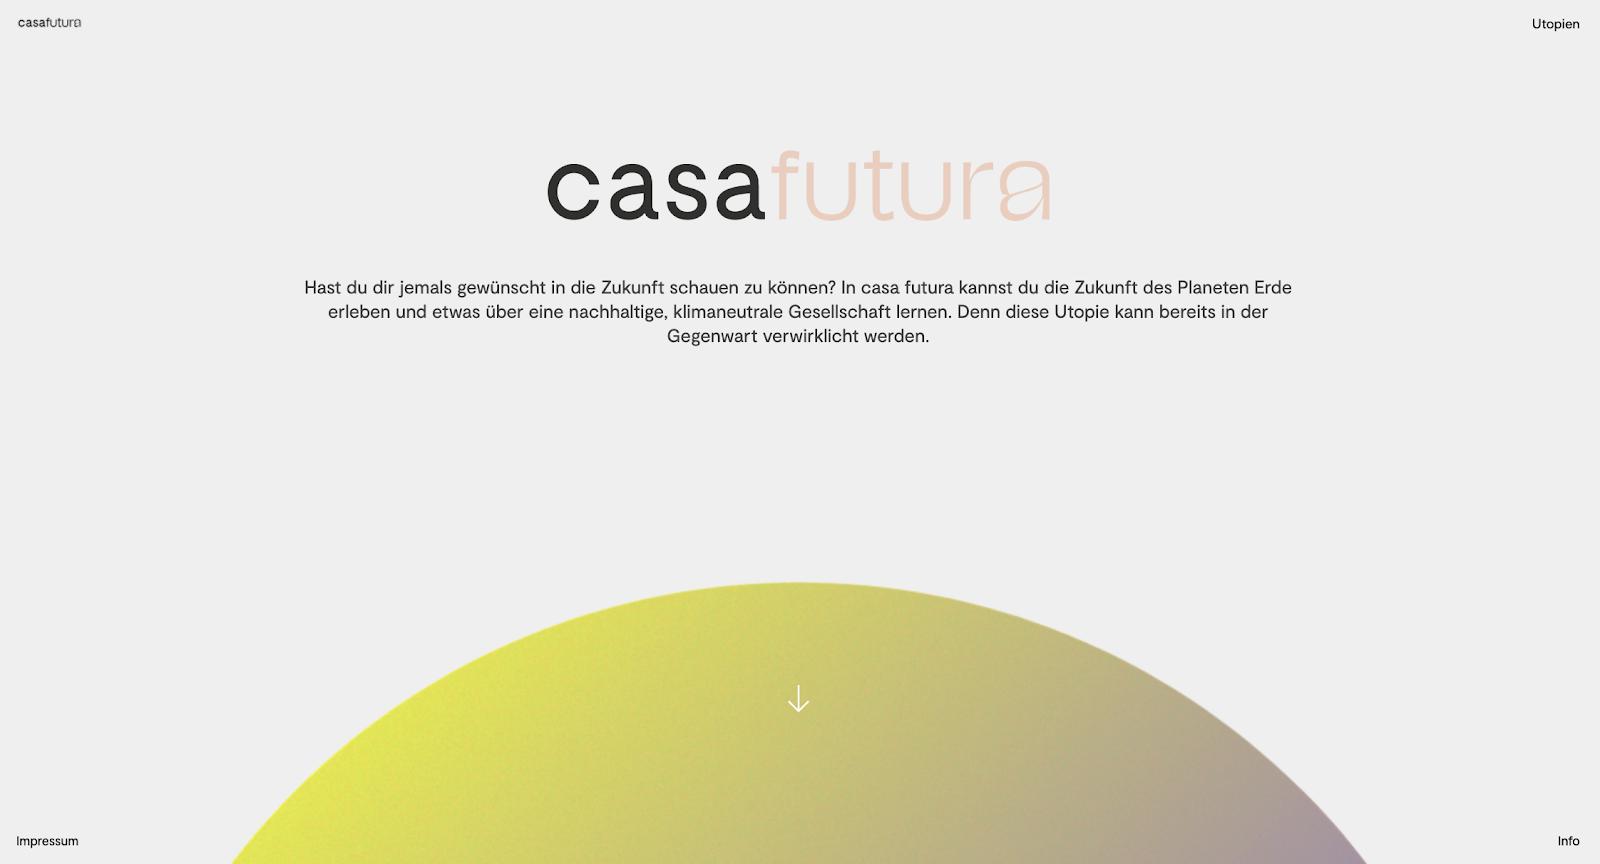 casa futura website